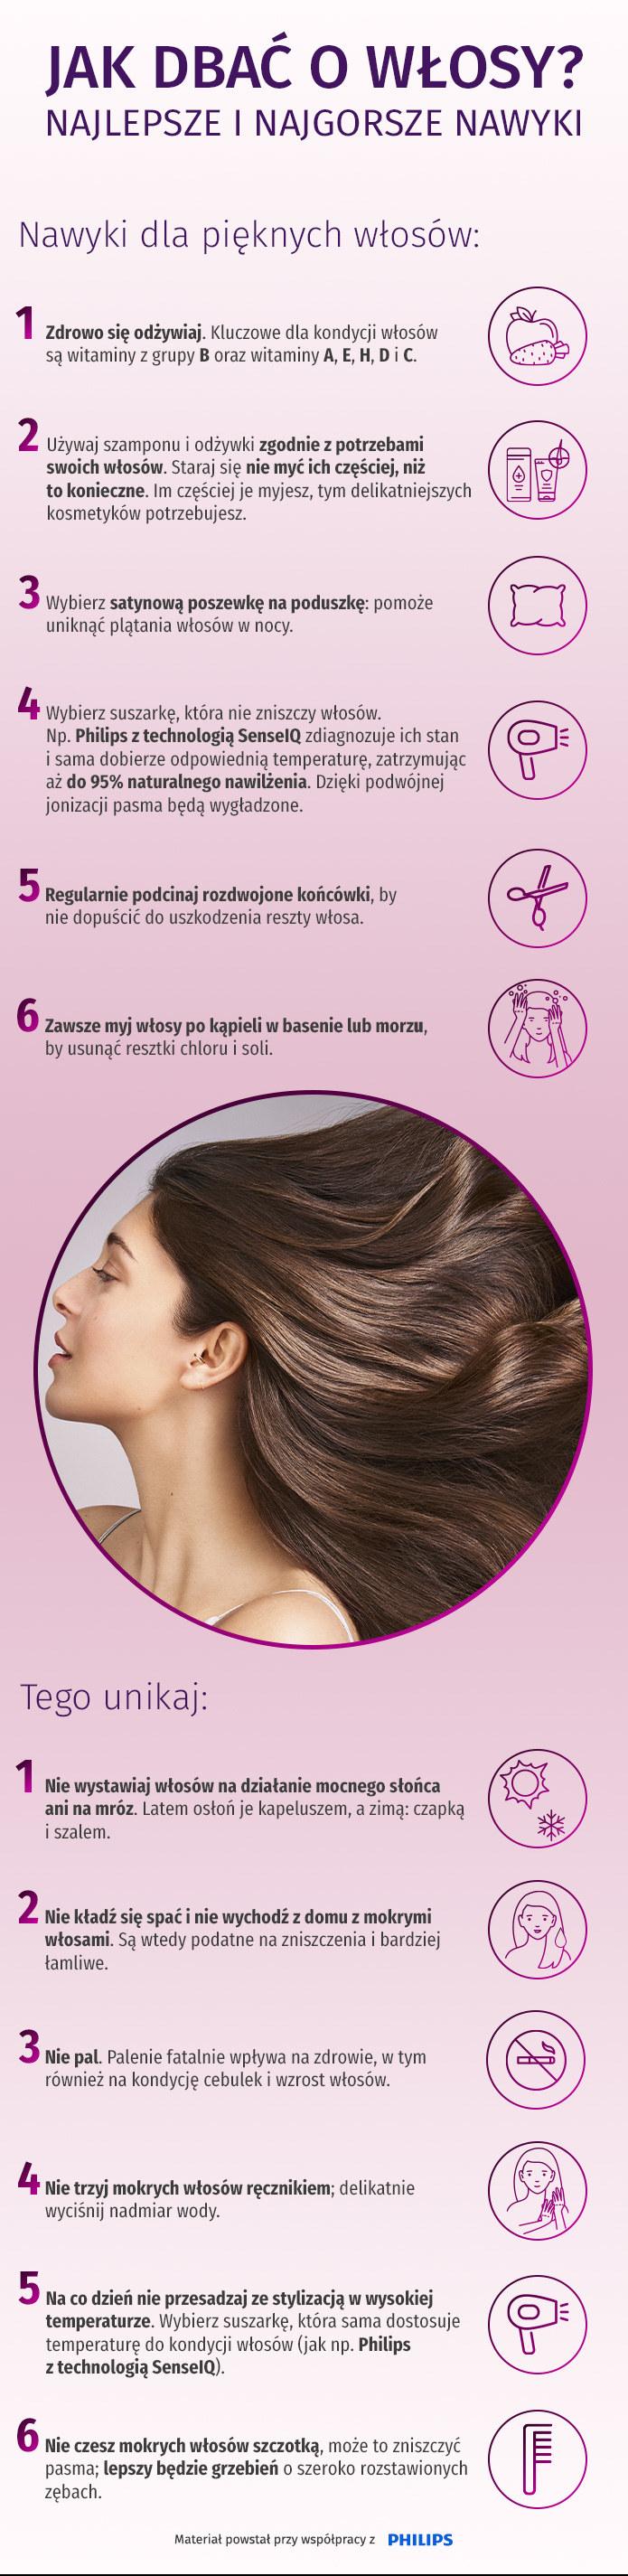 Jak dbać o piękne włosy /materiały promocyjne